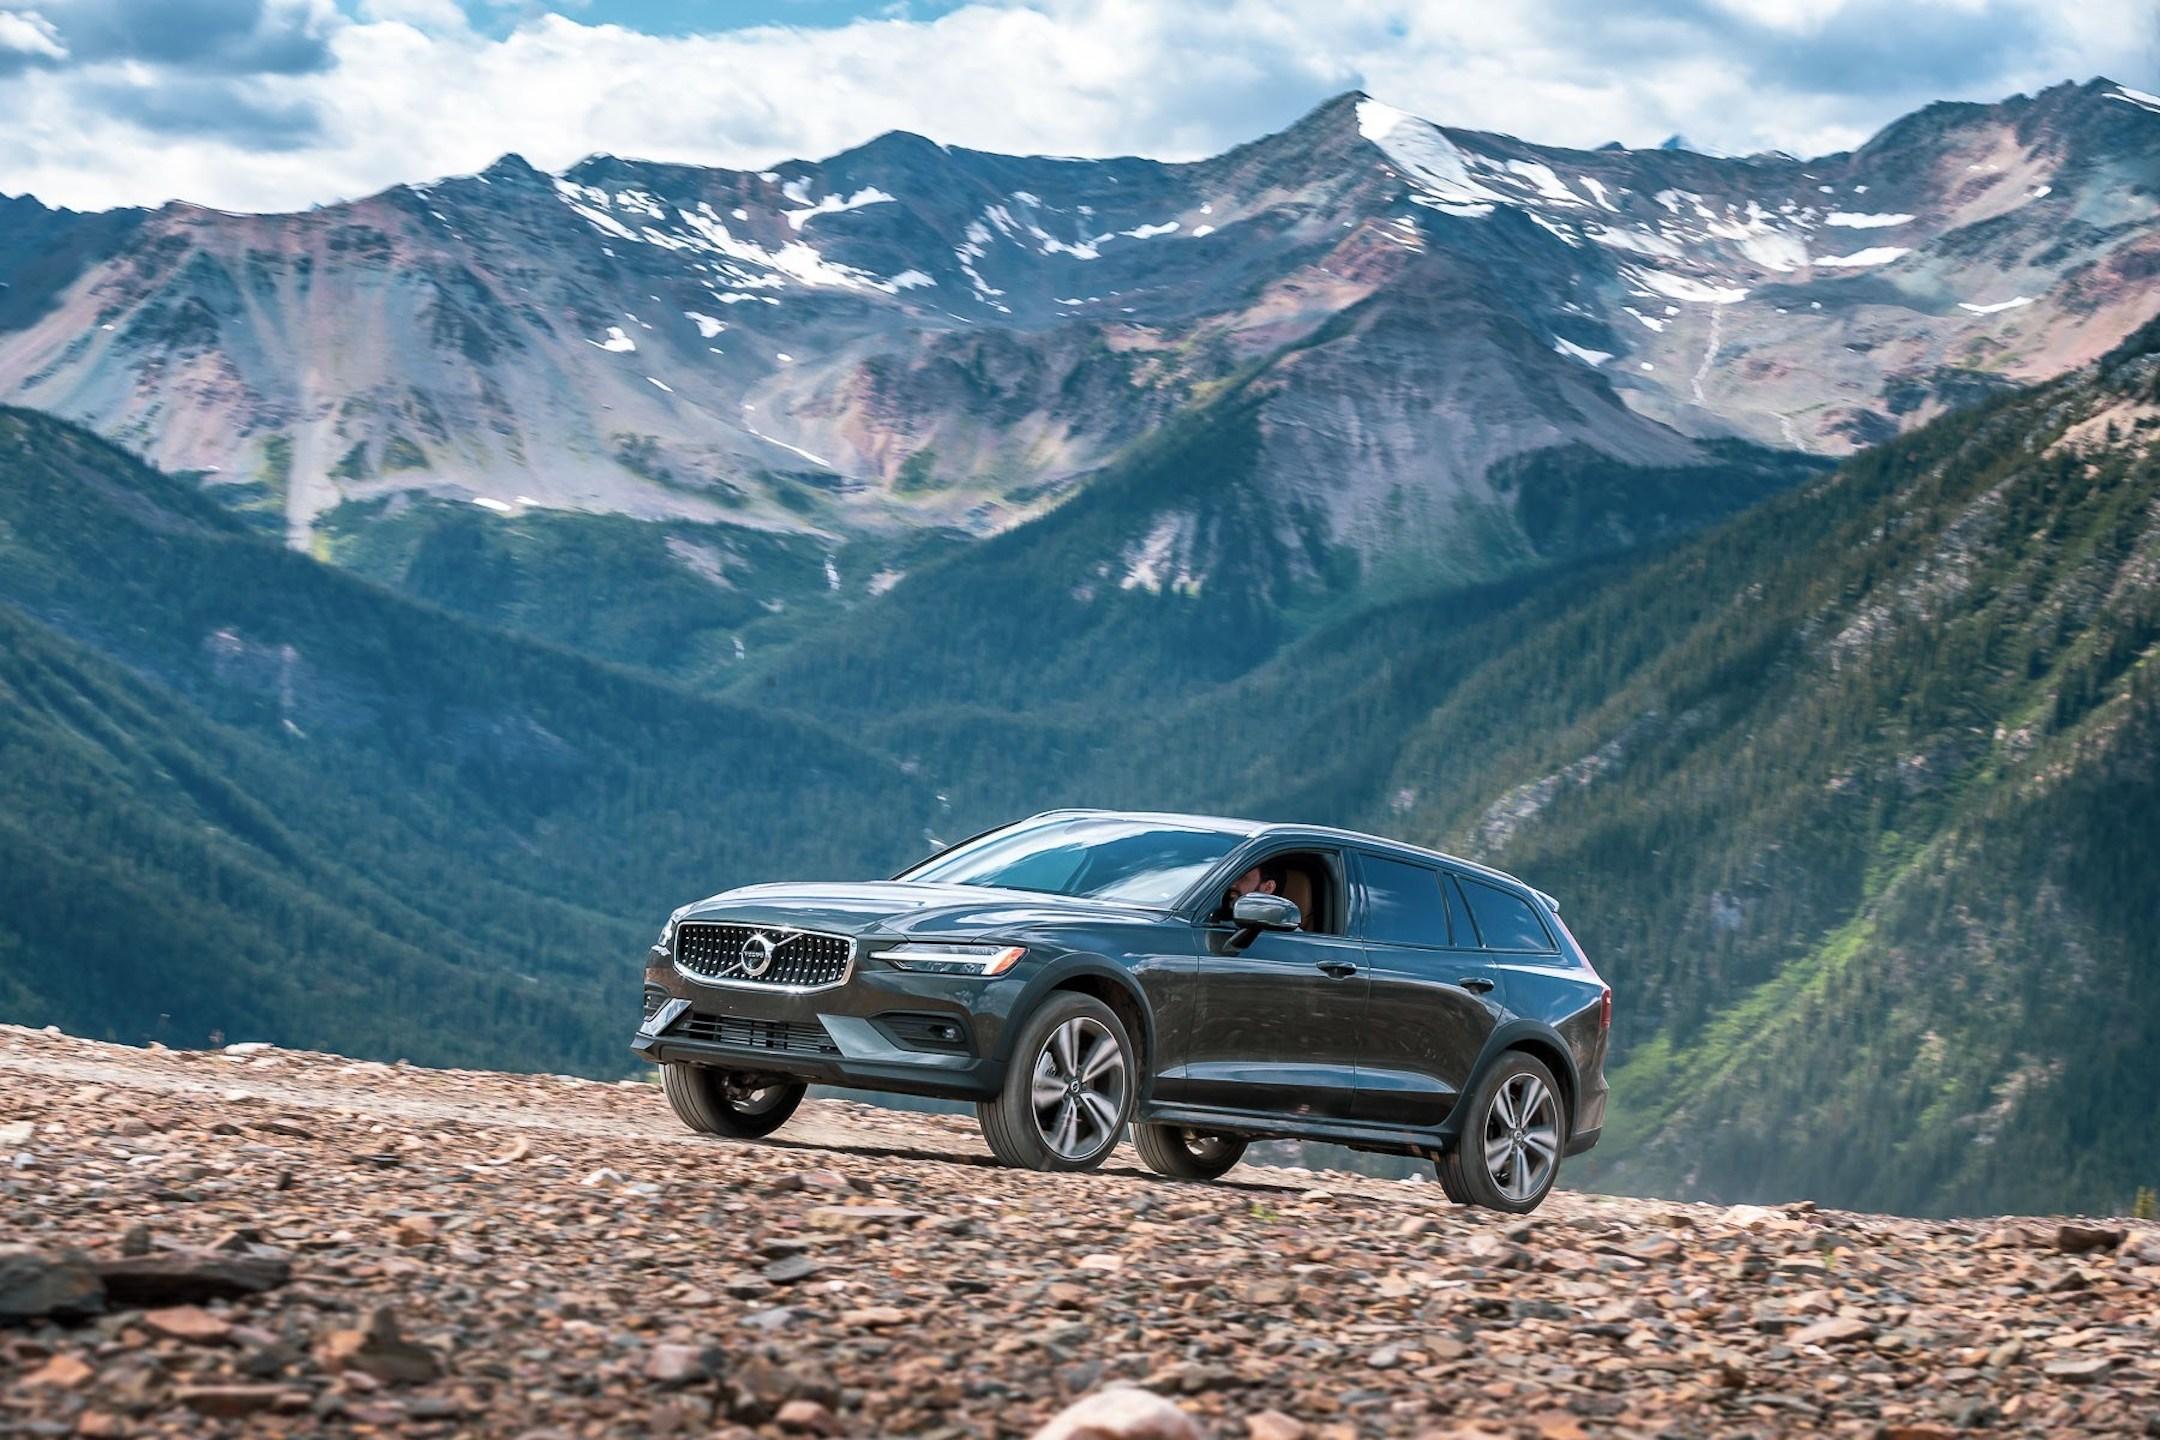 MY2020 Volvo Model Program - Banff Location